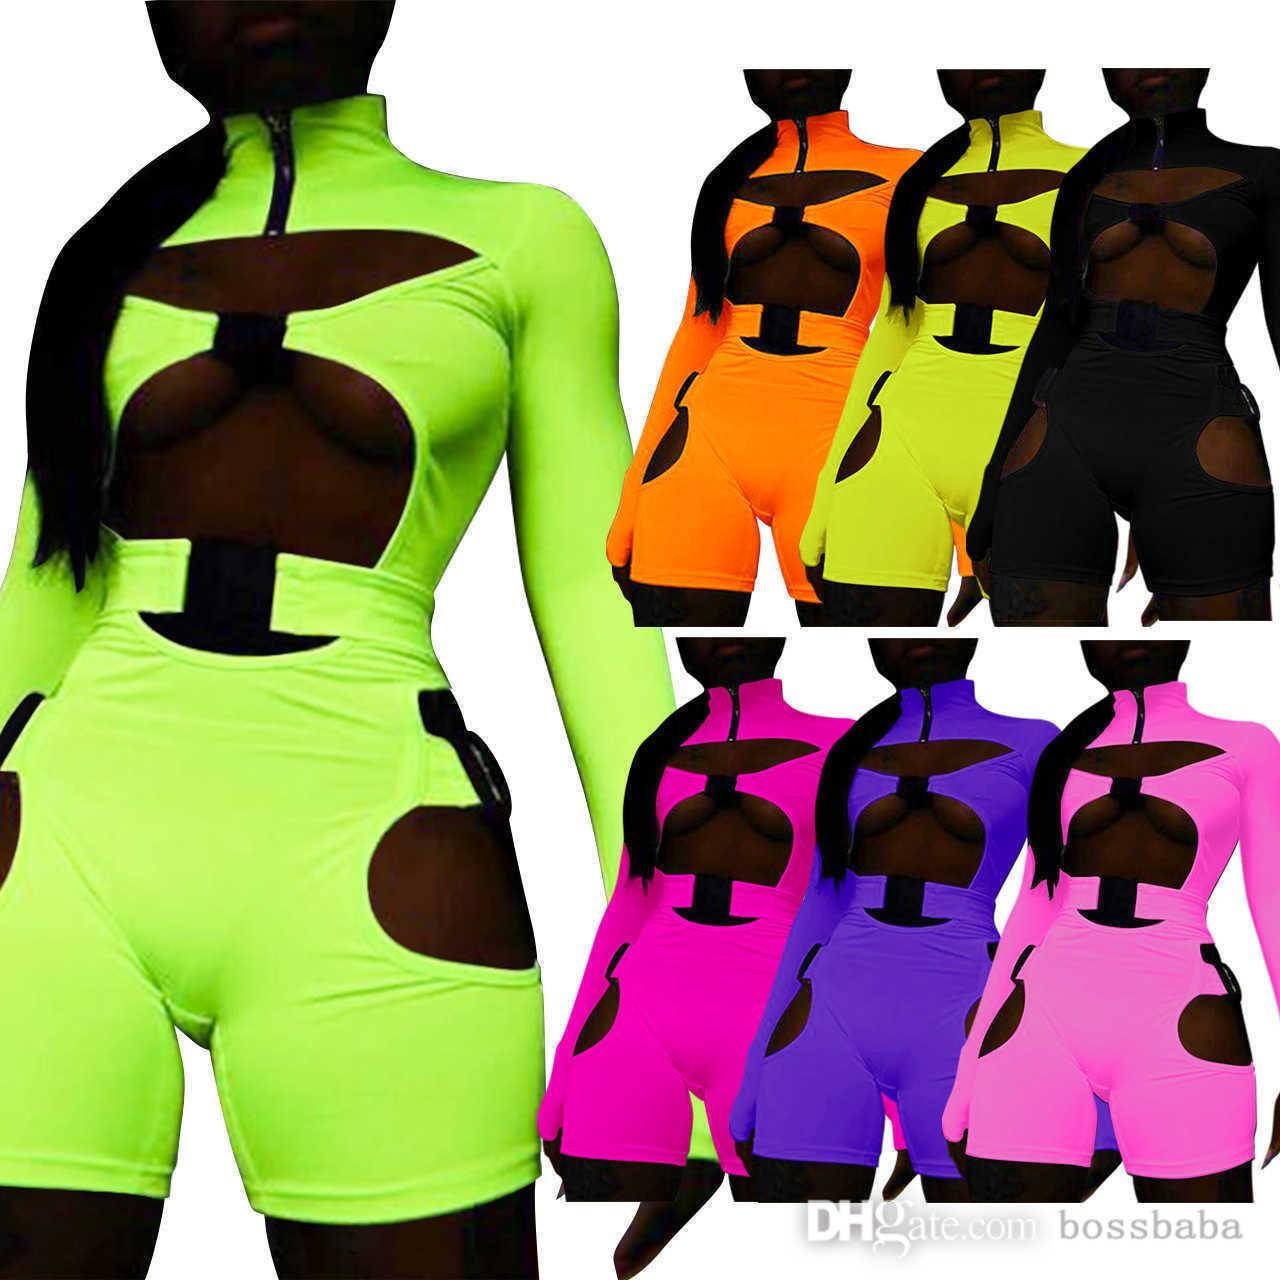 Mujeres sexy muellos diseñador otoño manga larga pantalones pantalones pantalones cortos cortados cortados hebilla botón con cremallera con cremallera de cuello alto 6 colores